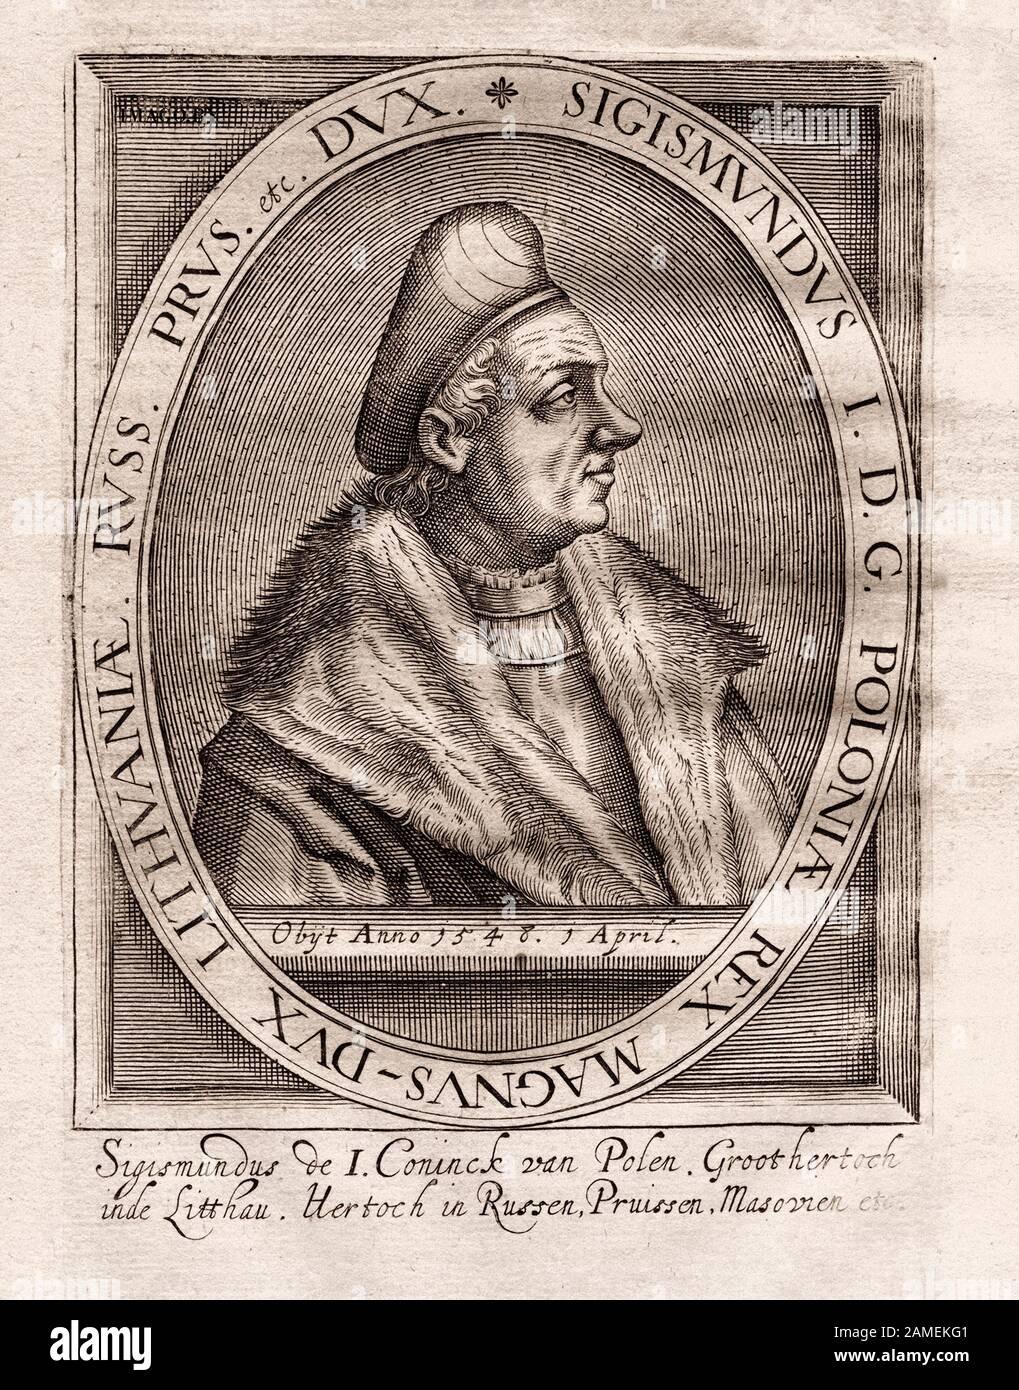 Ritratto del Granduca di Lituania e re di Polonia Sigismondo i 'il vecchio' (1467-1548), che sostituì il suo fratello maggiore Alexander Jagellonch Foto Stock